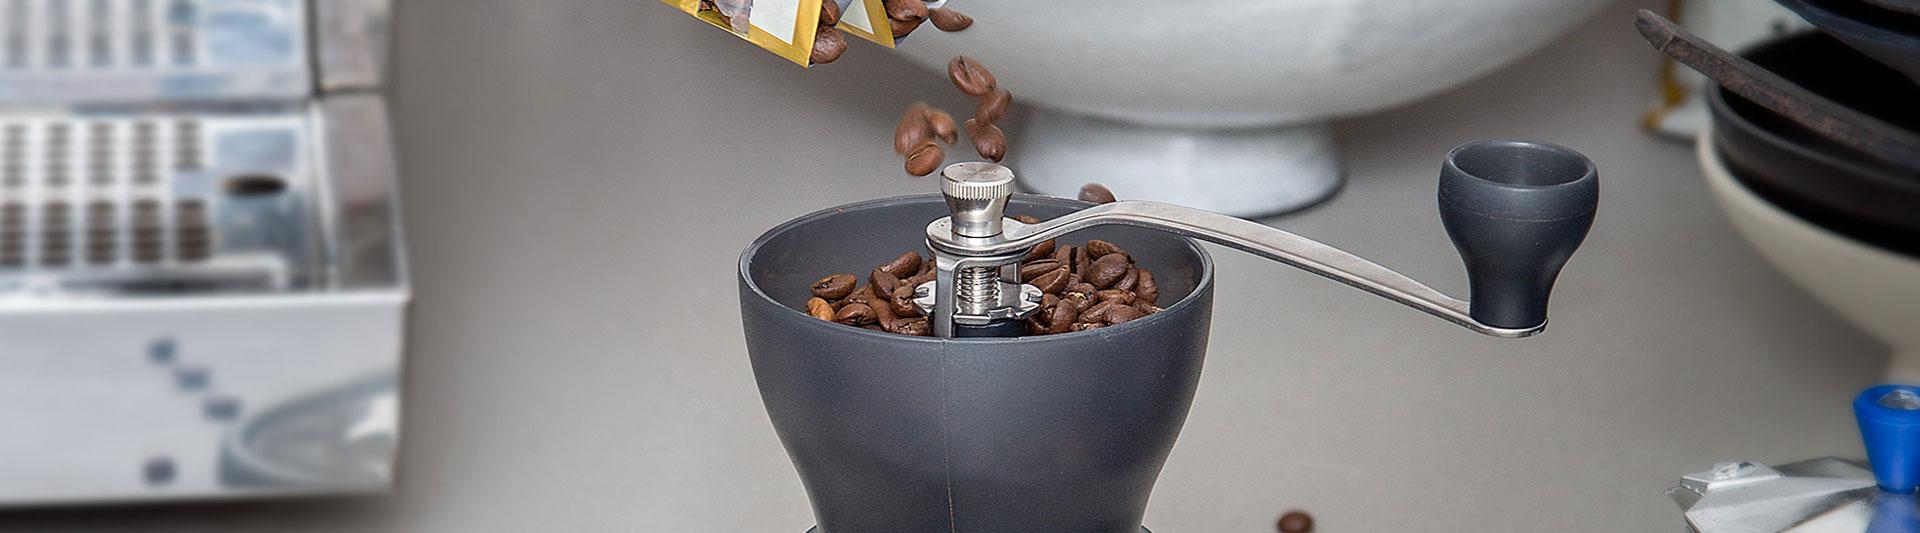 מטחנות קפה ידניות